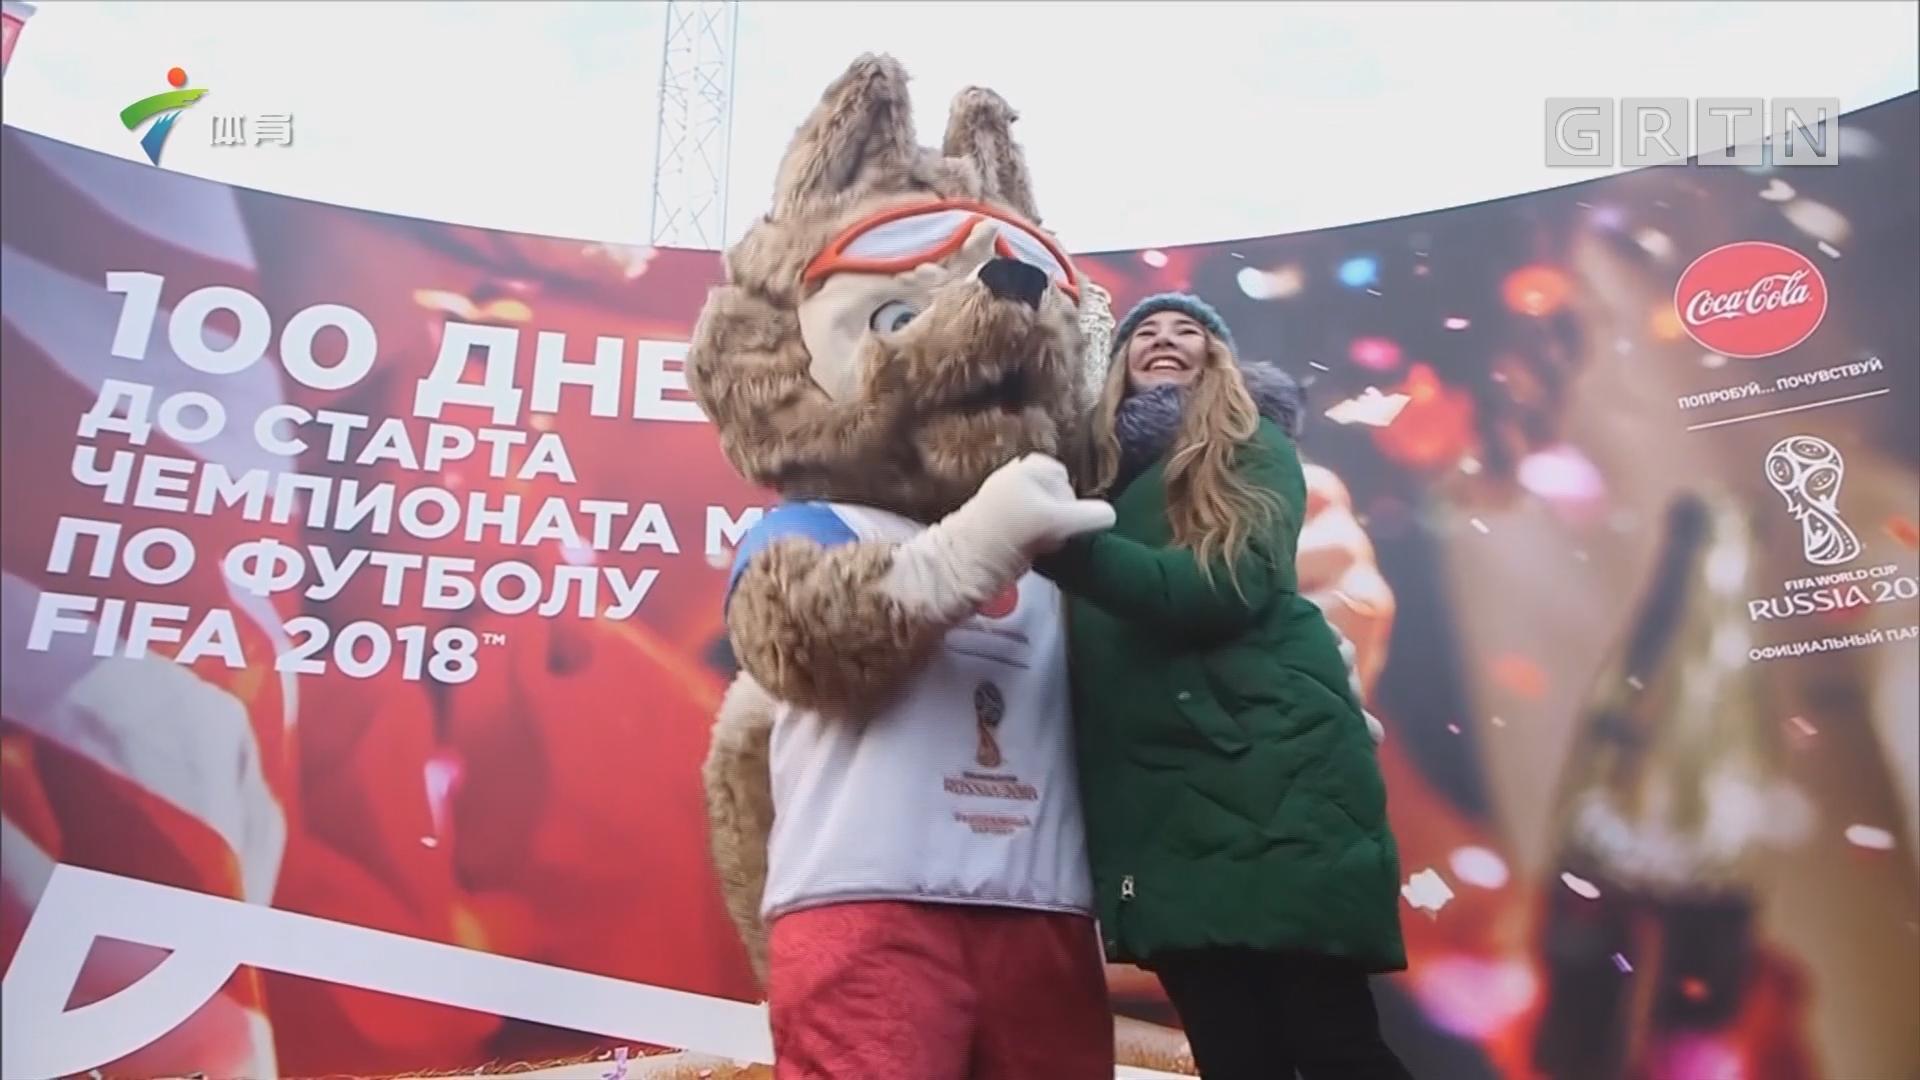 俄罗斯球迷喜迎世界杯倒计时100天